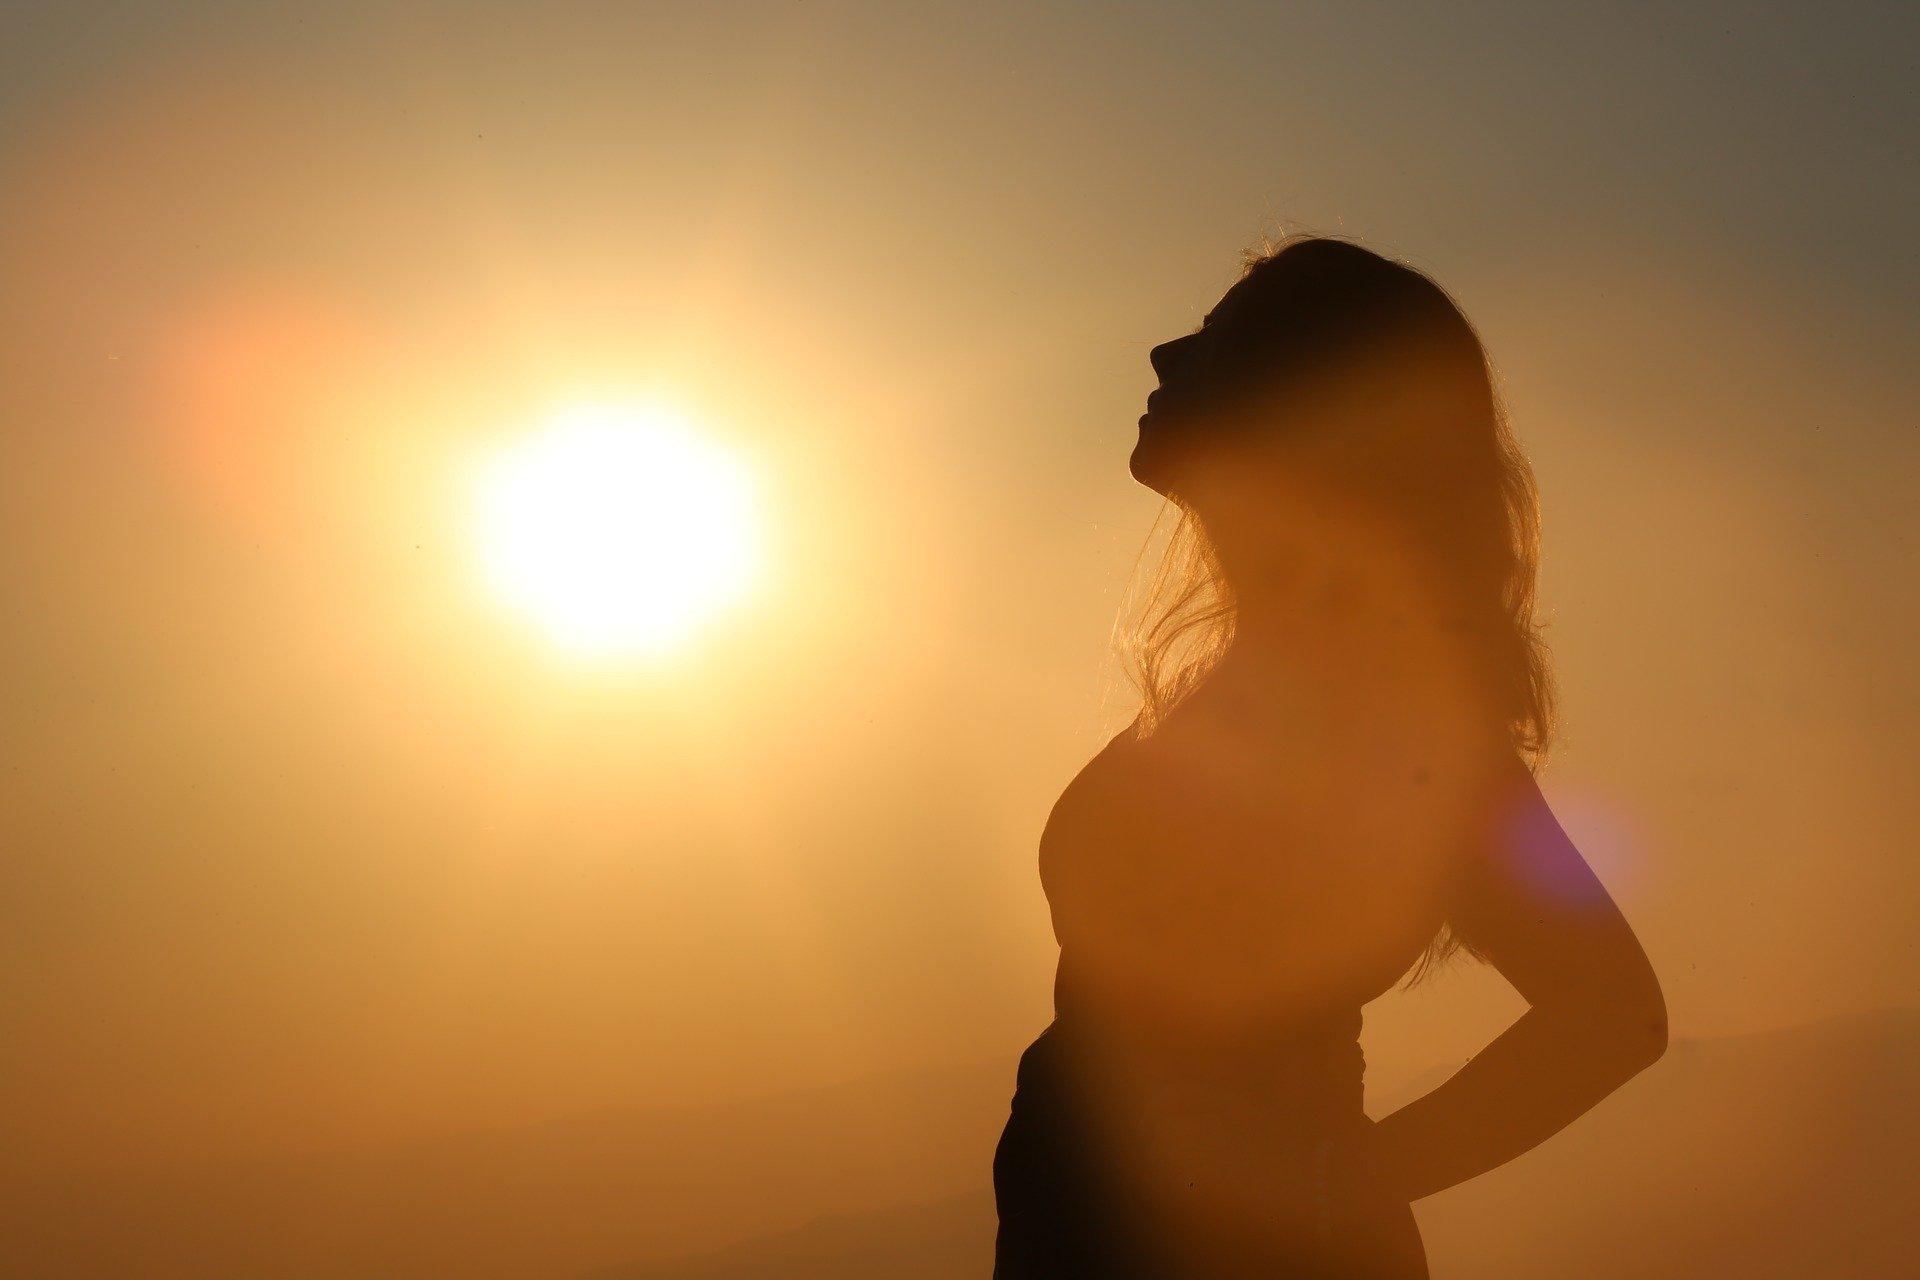 Hoe lang moet je in de zon zitten om genoeg vitamine D aan te maken?